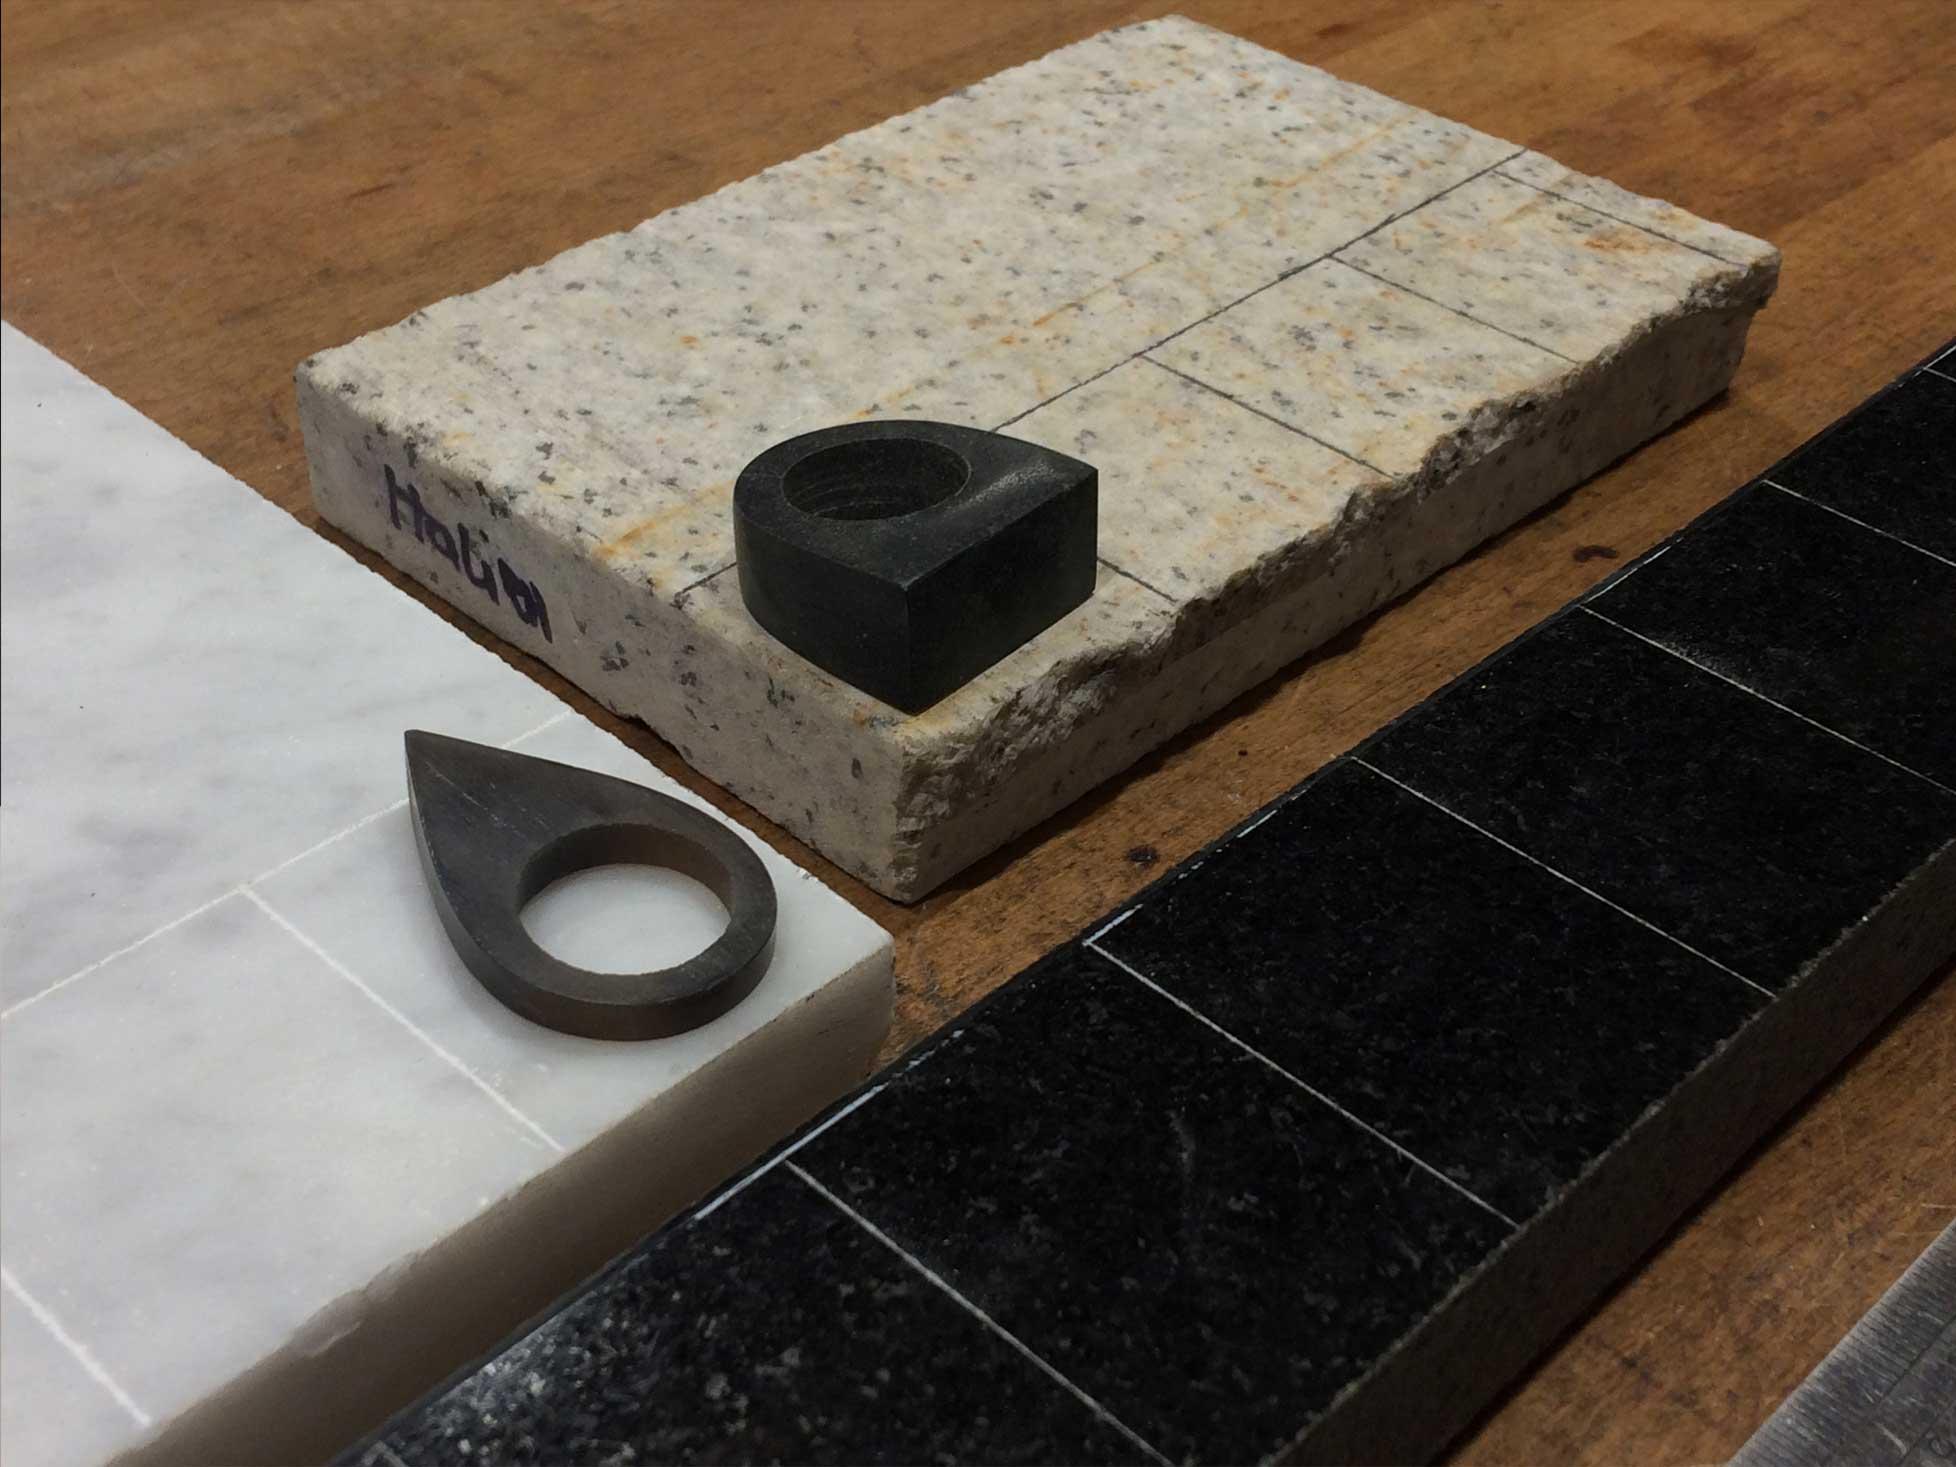 Produktudvikling og Industrielt Design Fremstilling af prototyper af smykker i sten og ædelsten 3